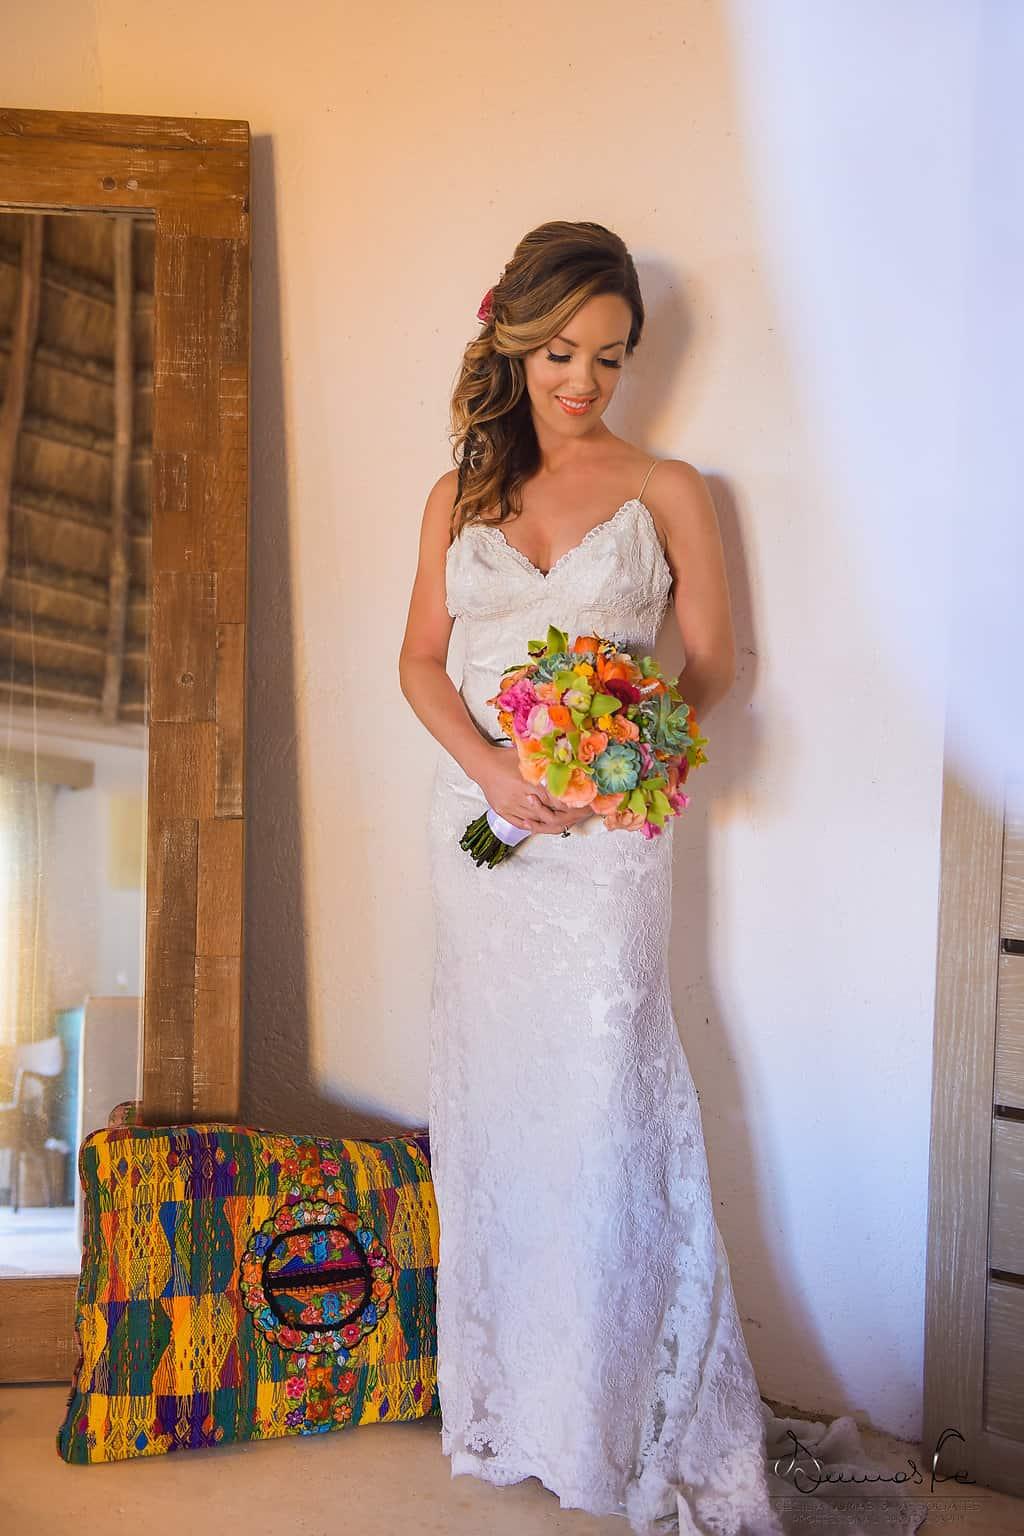 mahekalhotel-playadelcarmen-weddingphotography-lindseyalfredo27